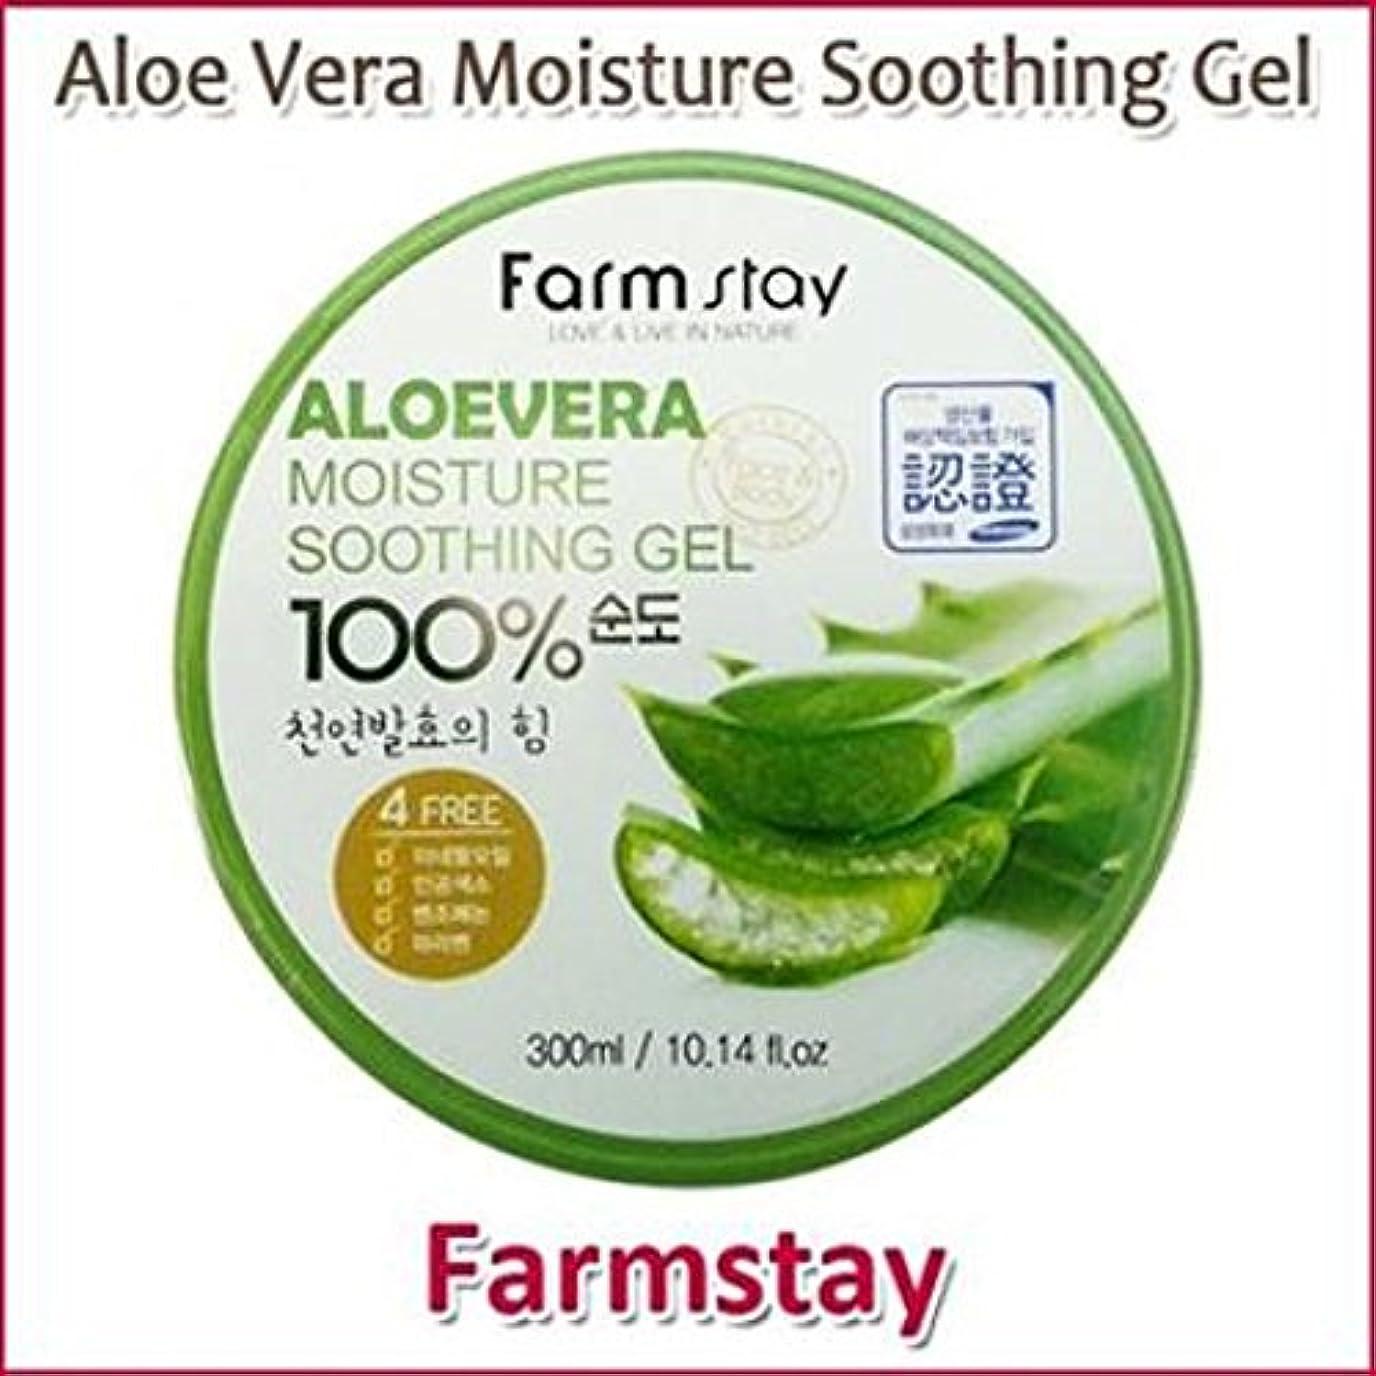 後悔スタジオアスリートFarm Stay Aloe Vera Moisture Soothing Gel 300ml /オーガニック アロエベラゲル 100%/保湿ケア/韓国コスメ/Aloe Vera 100% /Moisturizing [...